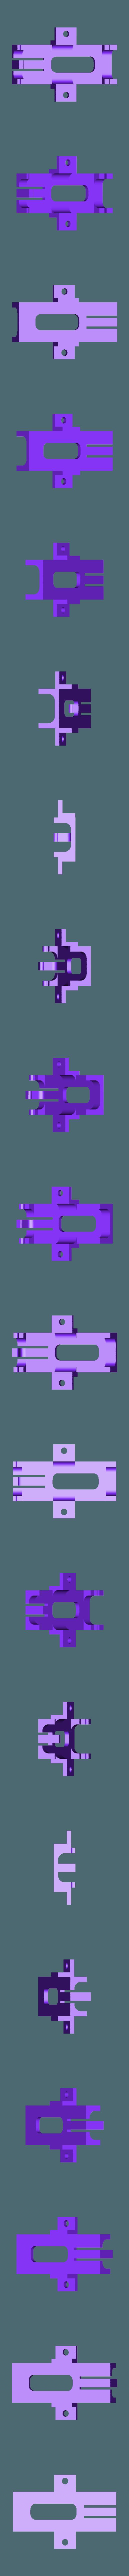 supporto_arduino_nano_v2.stl Download STL file Arduino nano support • 3D printer template, nik101968